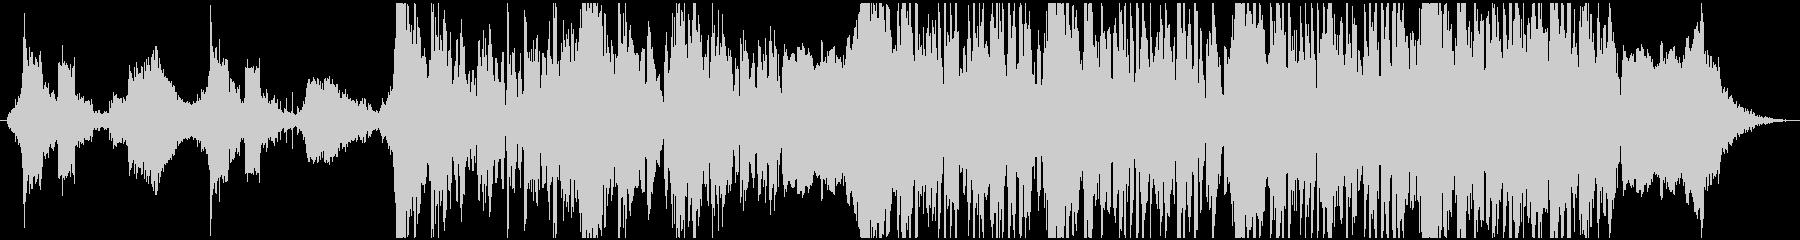 現代のハイブリッドSFトレーラーの未再生の波形